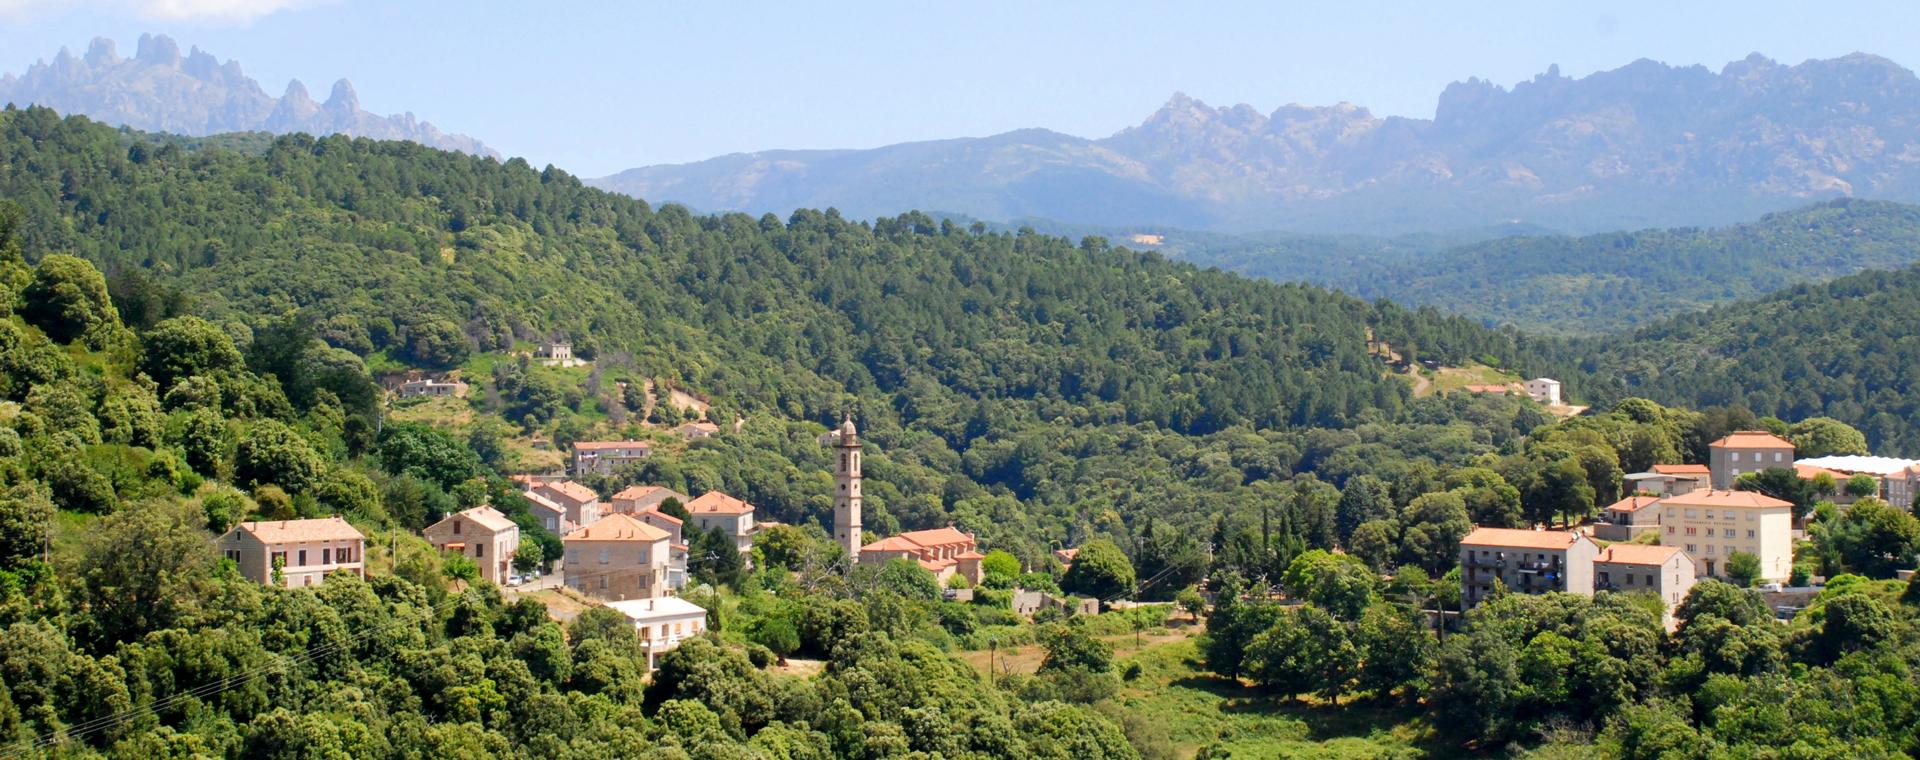 Voyage à pied : Corse : Mare e Monti de Porto Vecchio à Propriano